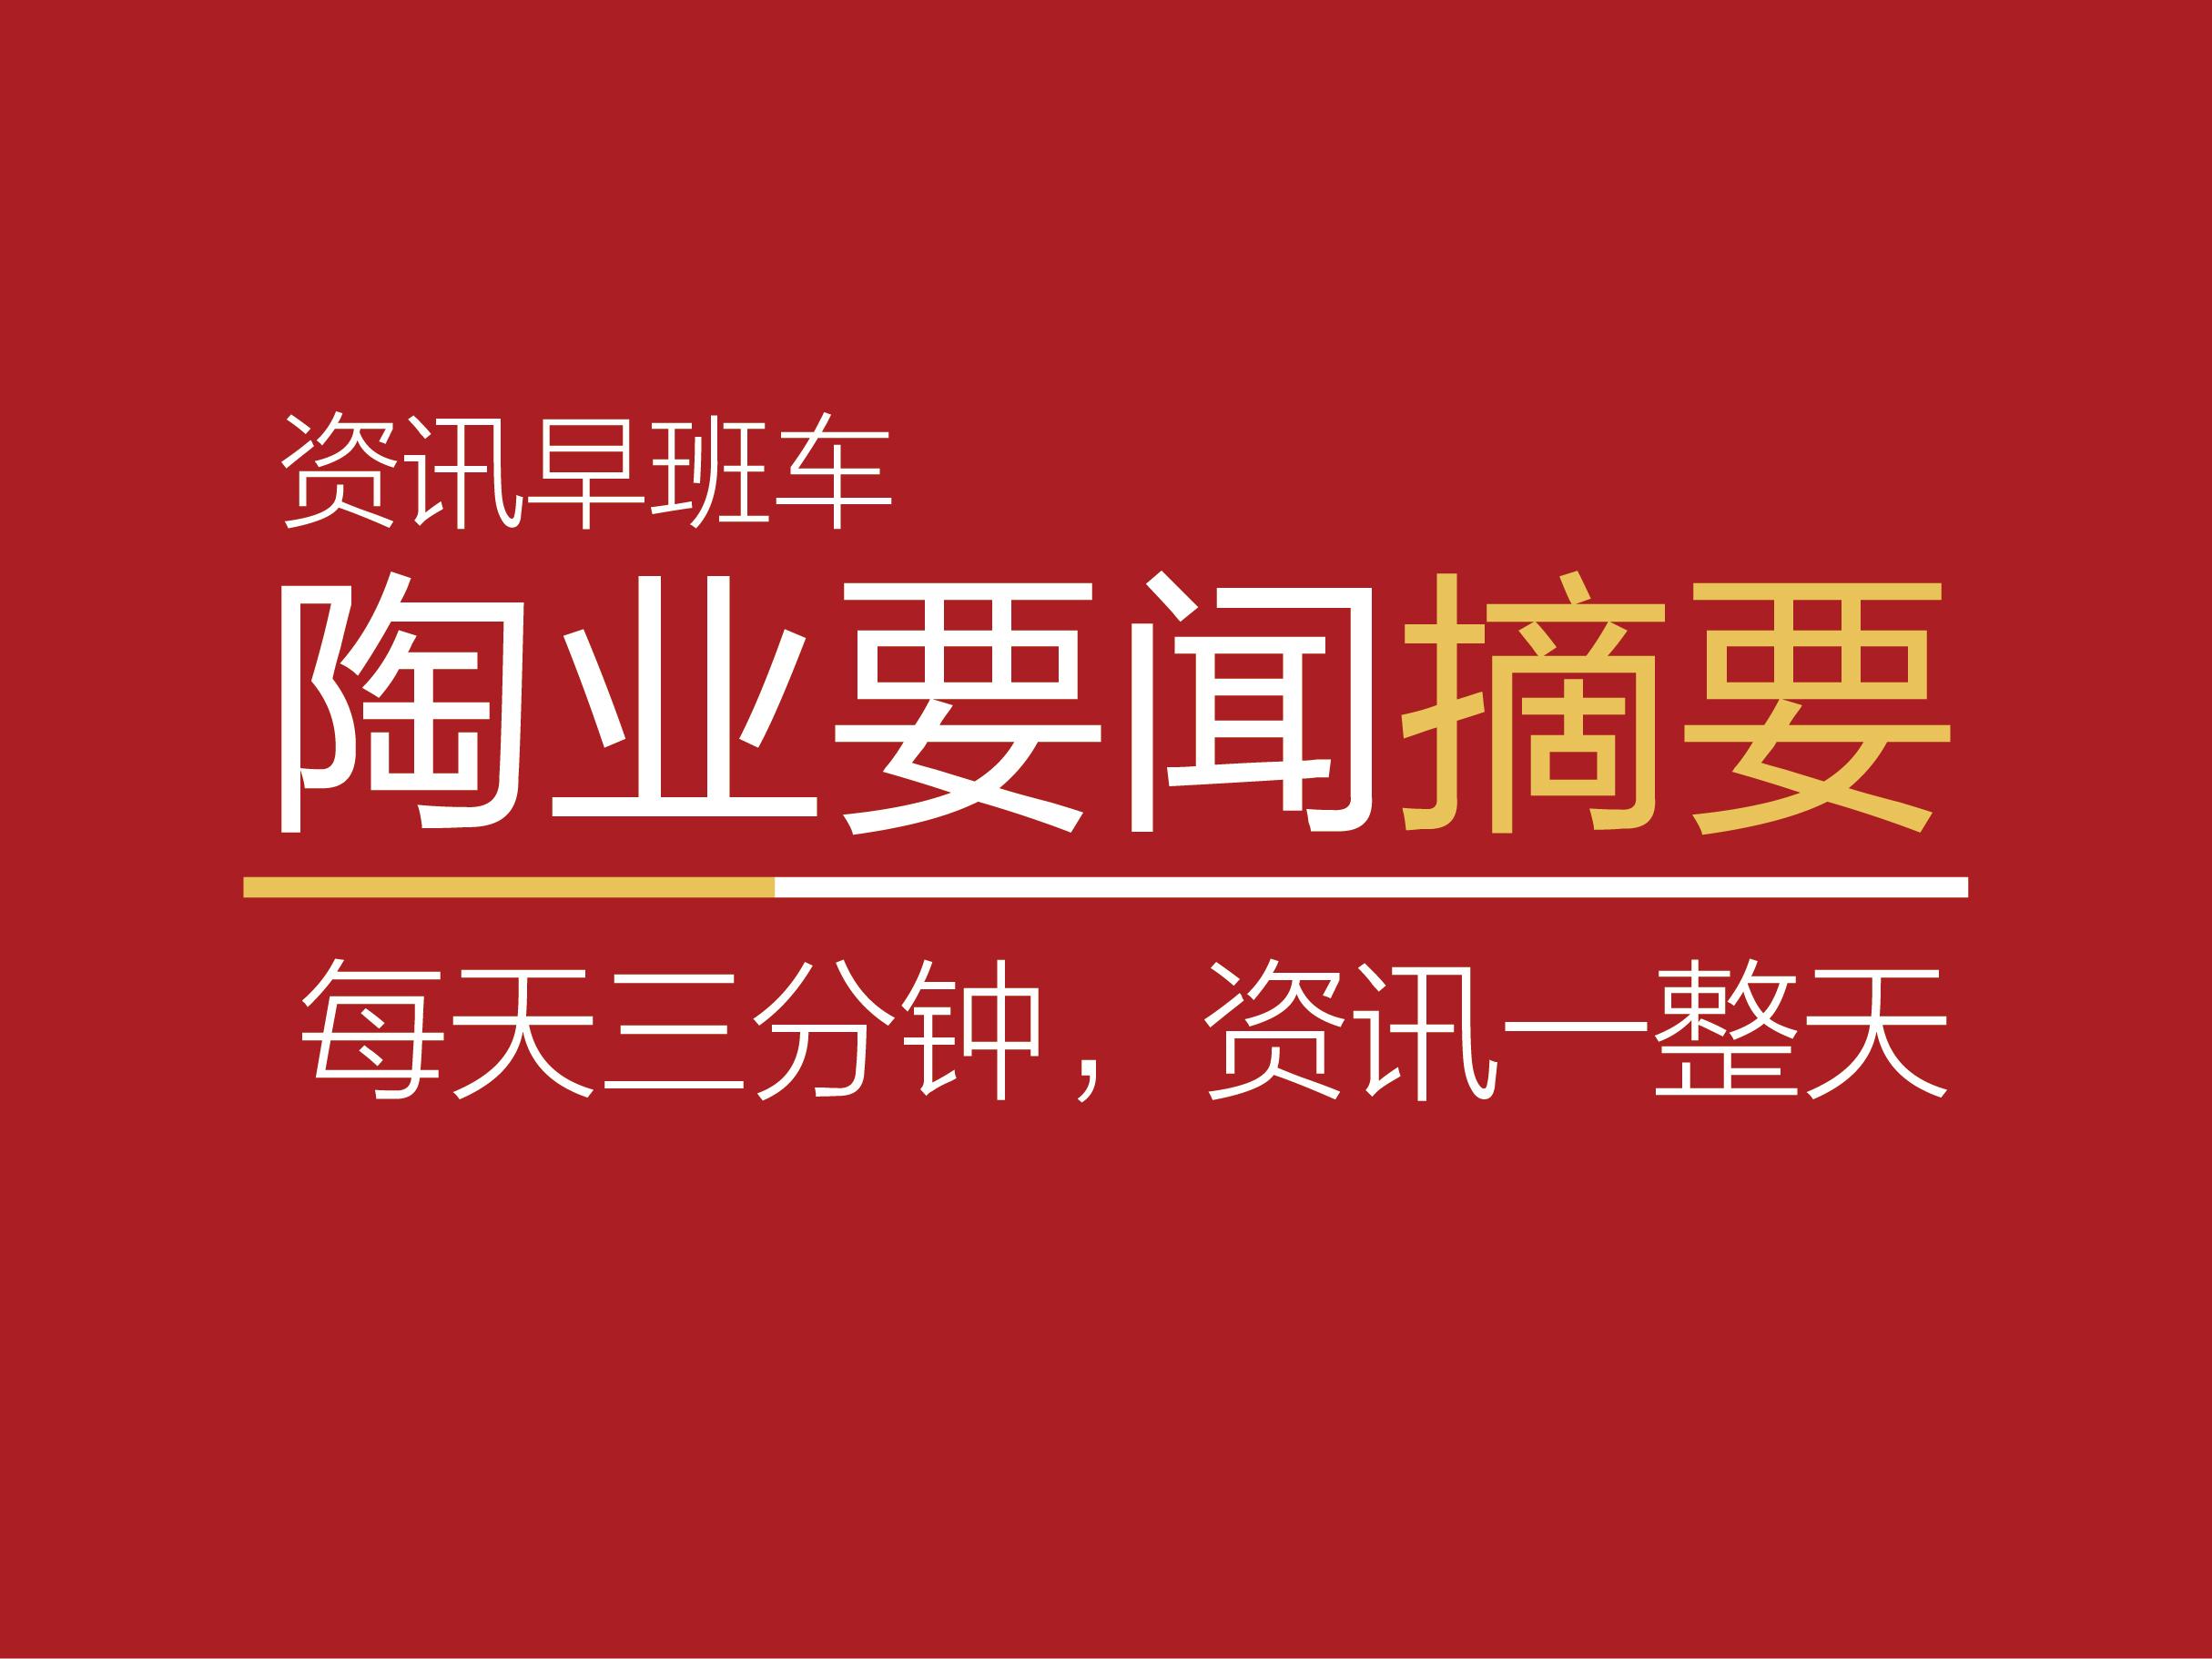 【陶业要闻摘要】2017年11月3日(第128期)